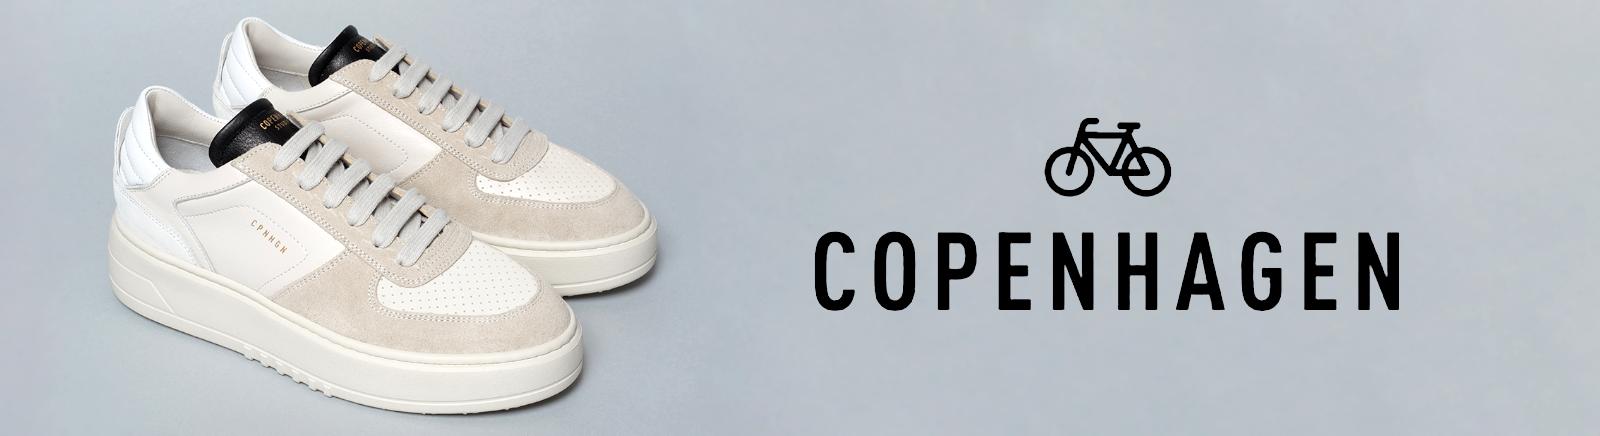 Copenhagen Chelsea Boots für Damen im Online-Shop von GISY kaufen